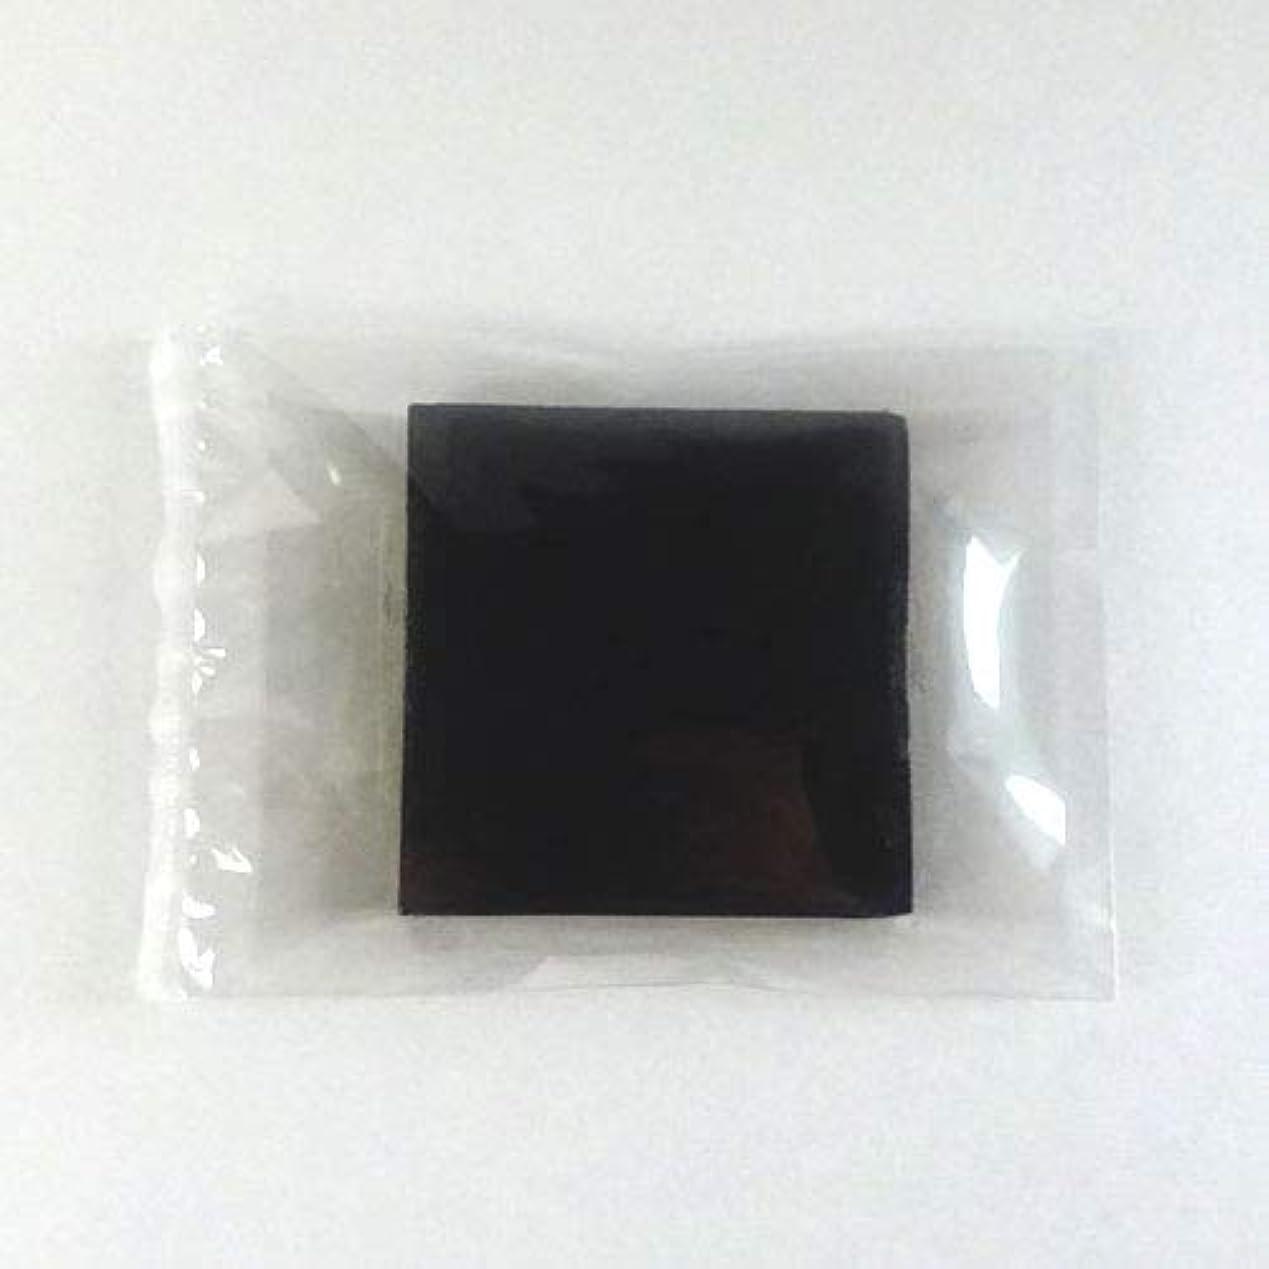 熱狂的な拡声器効果的グリセリンソープ MPソープ 色チップ 黒(ブラック) 30g